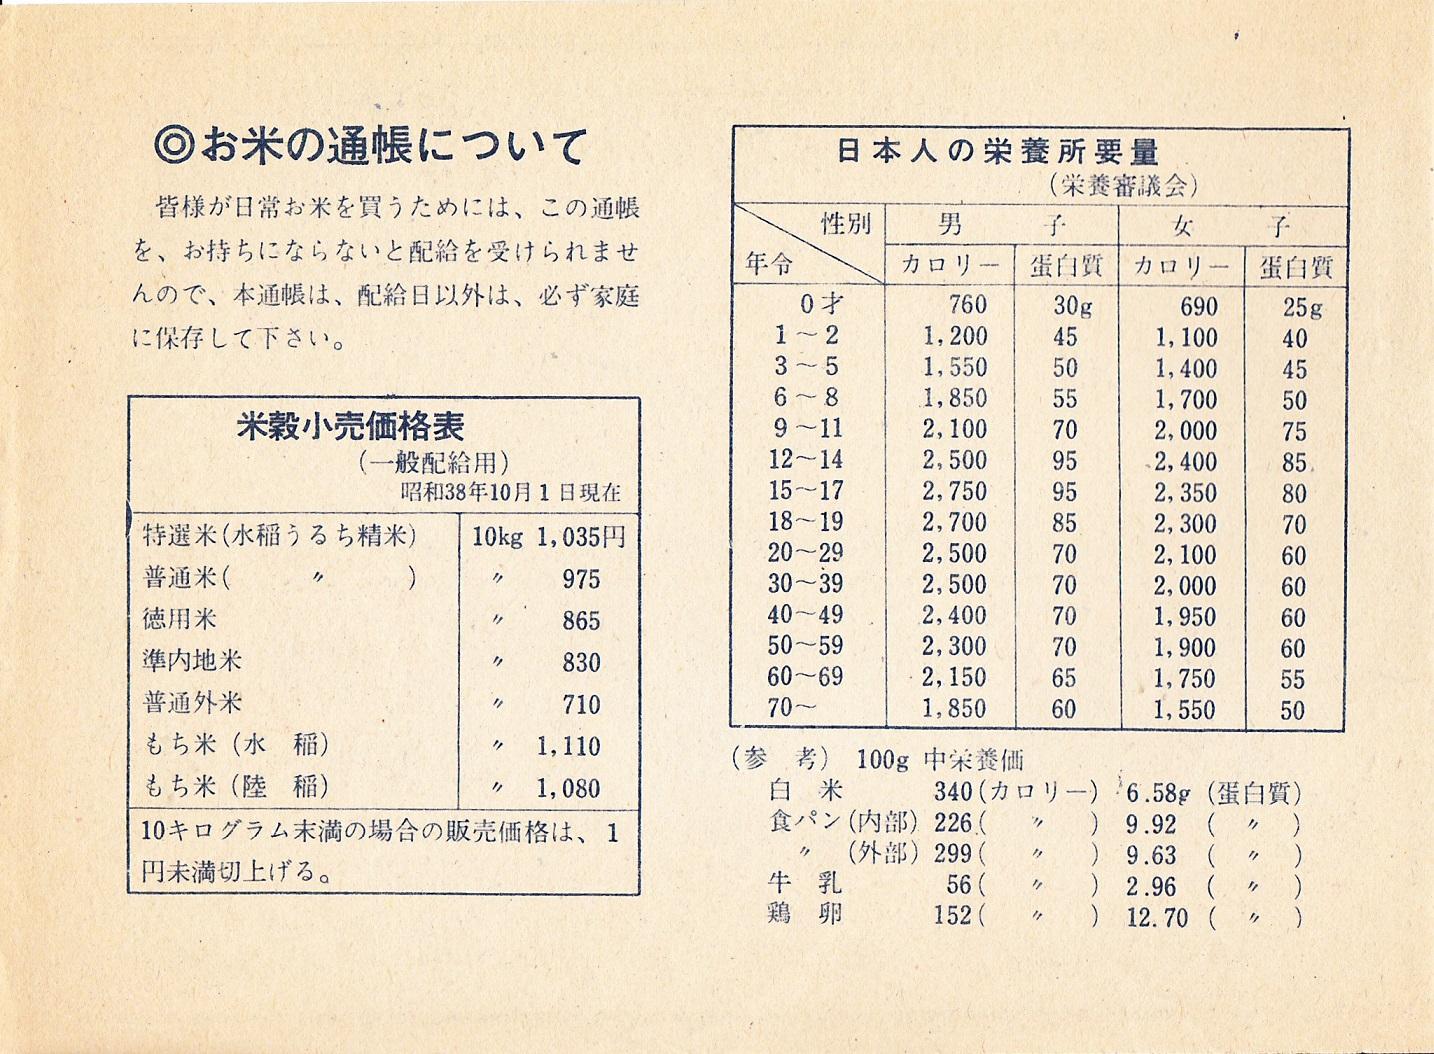 米穀通帳4